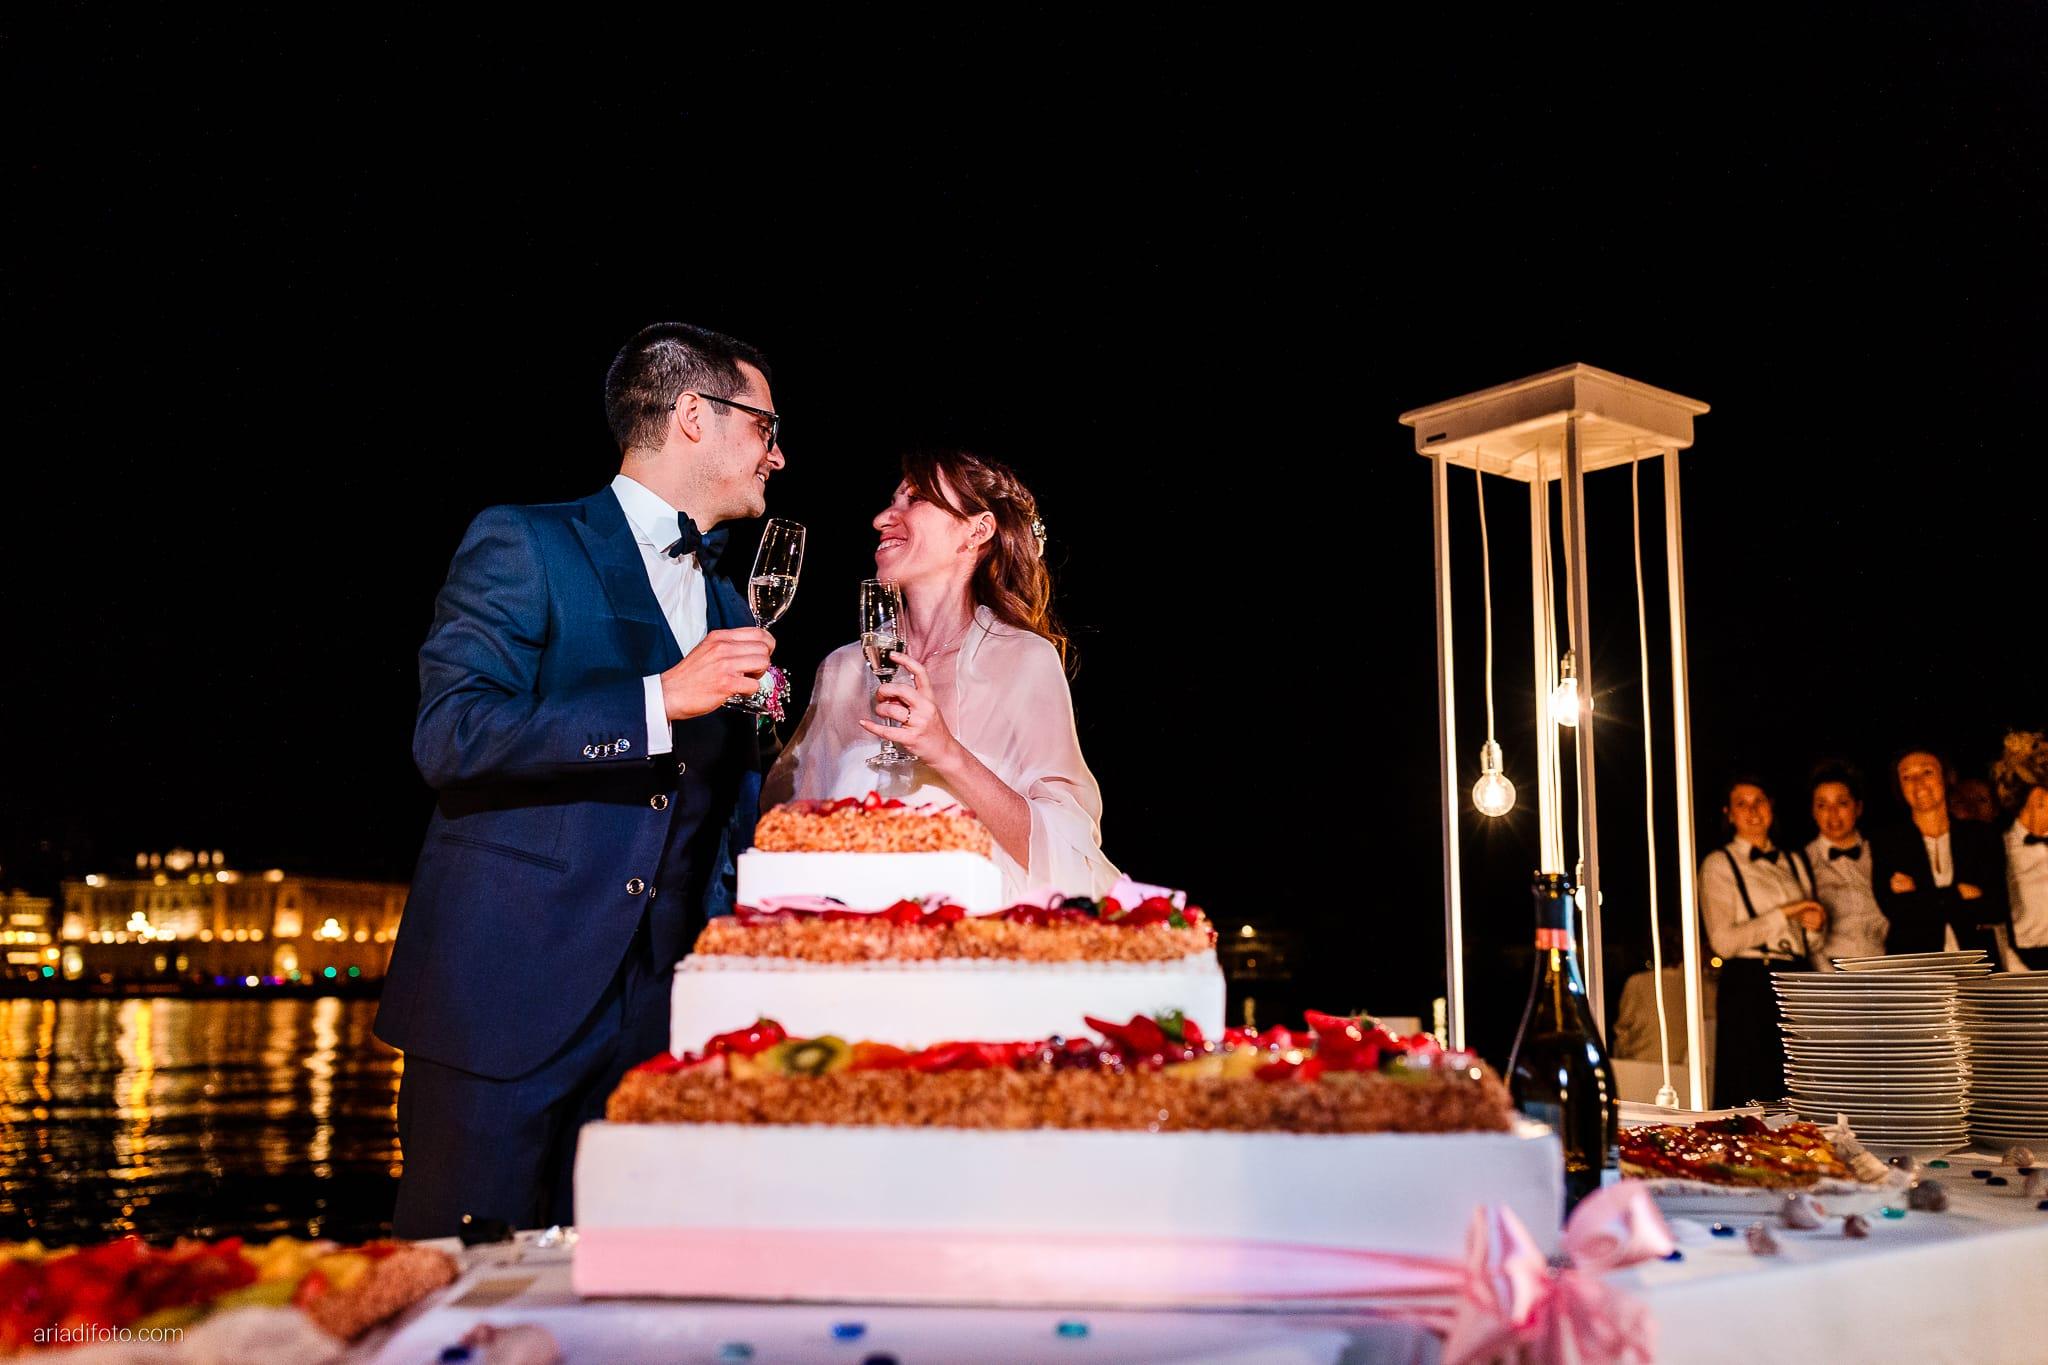 Marina Stefano Matrimonio Castello San Giusto Molo IV Trieste ricevimento taglio della torta